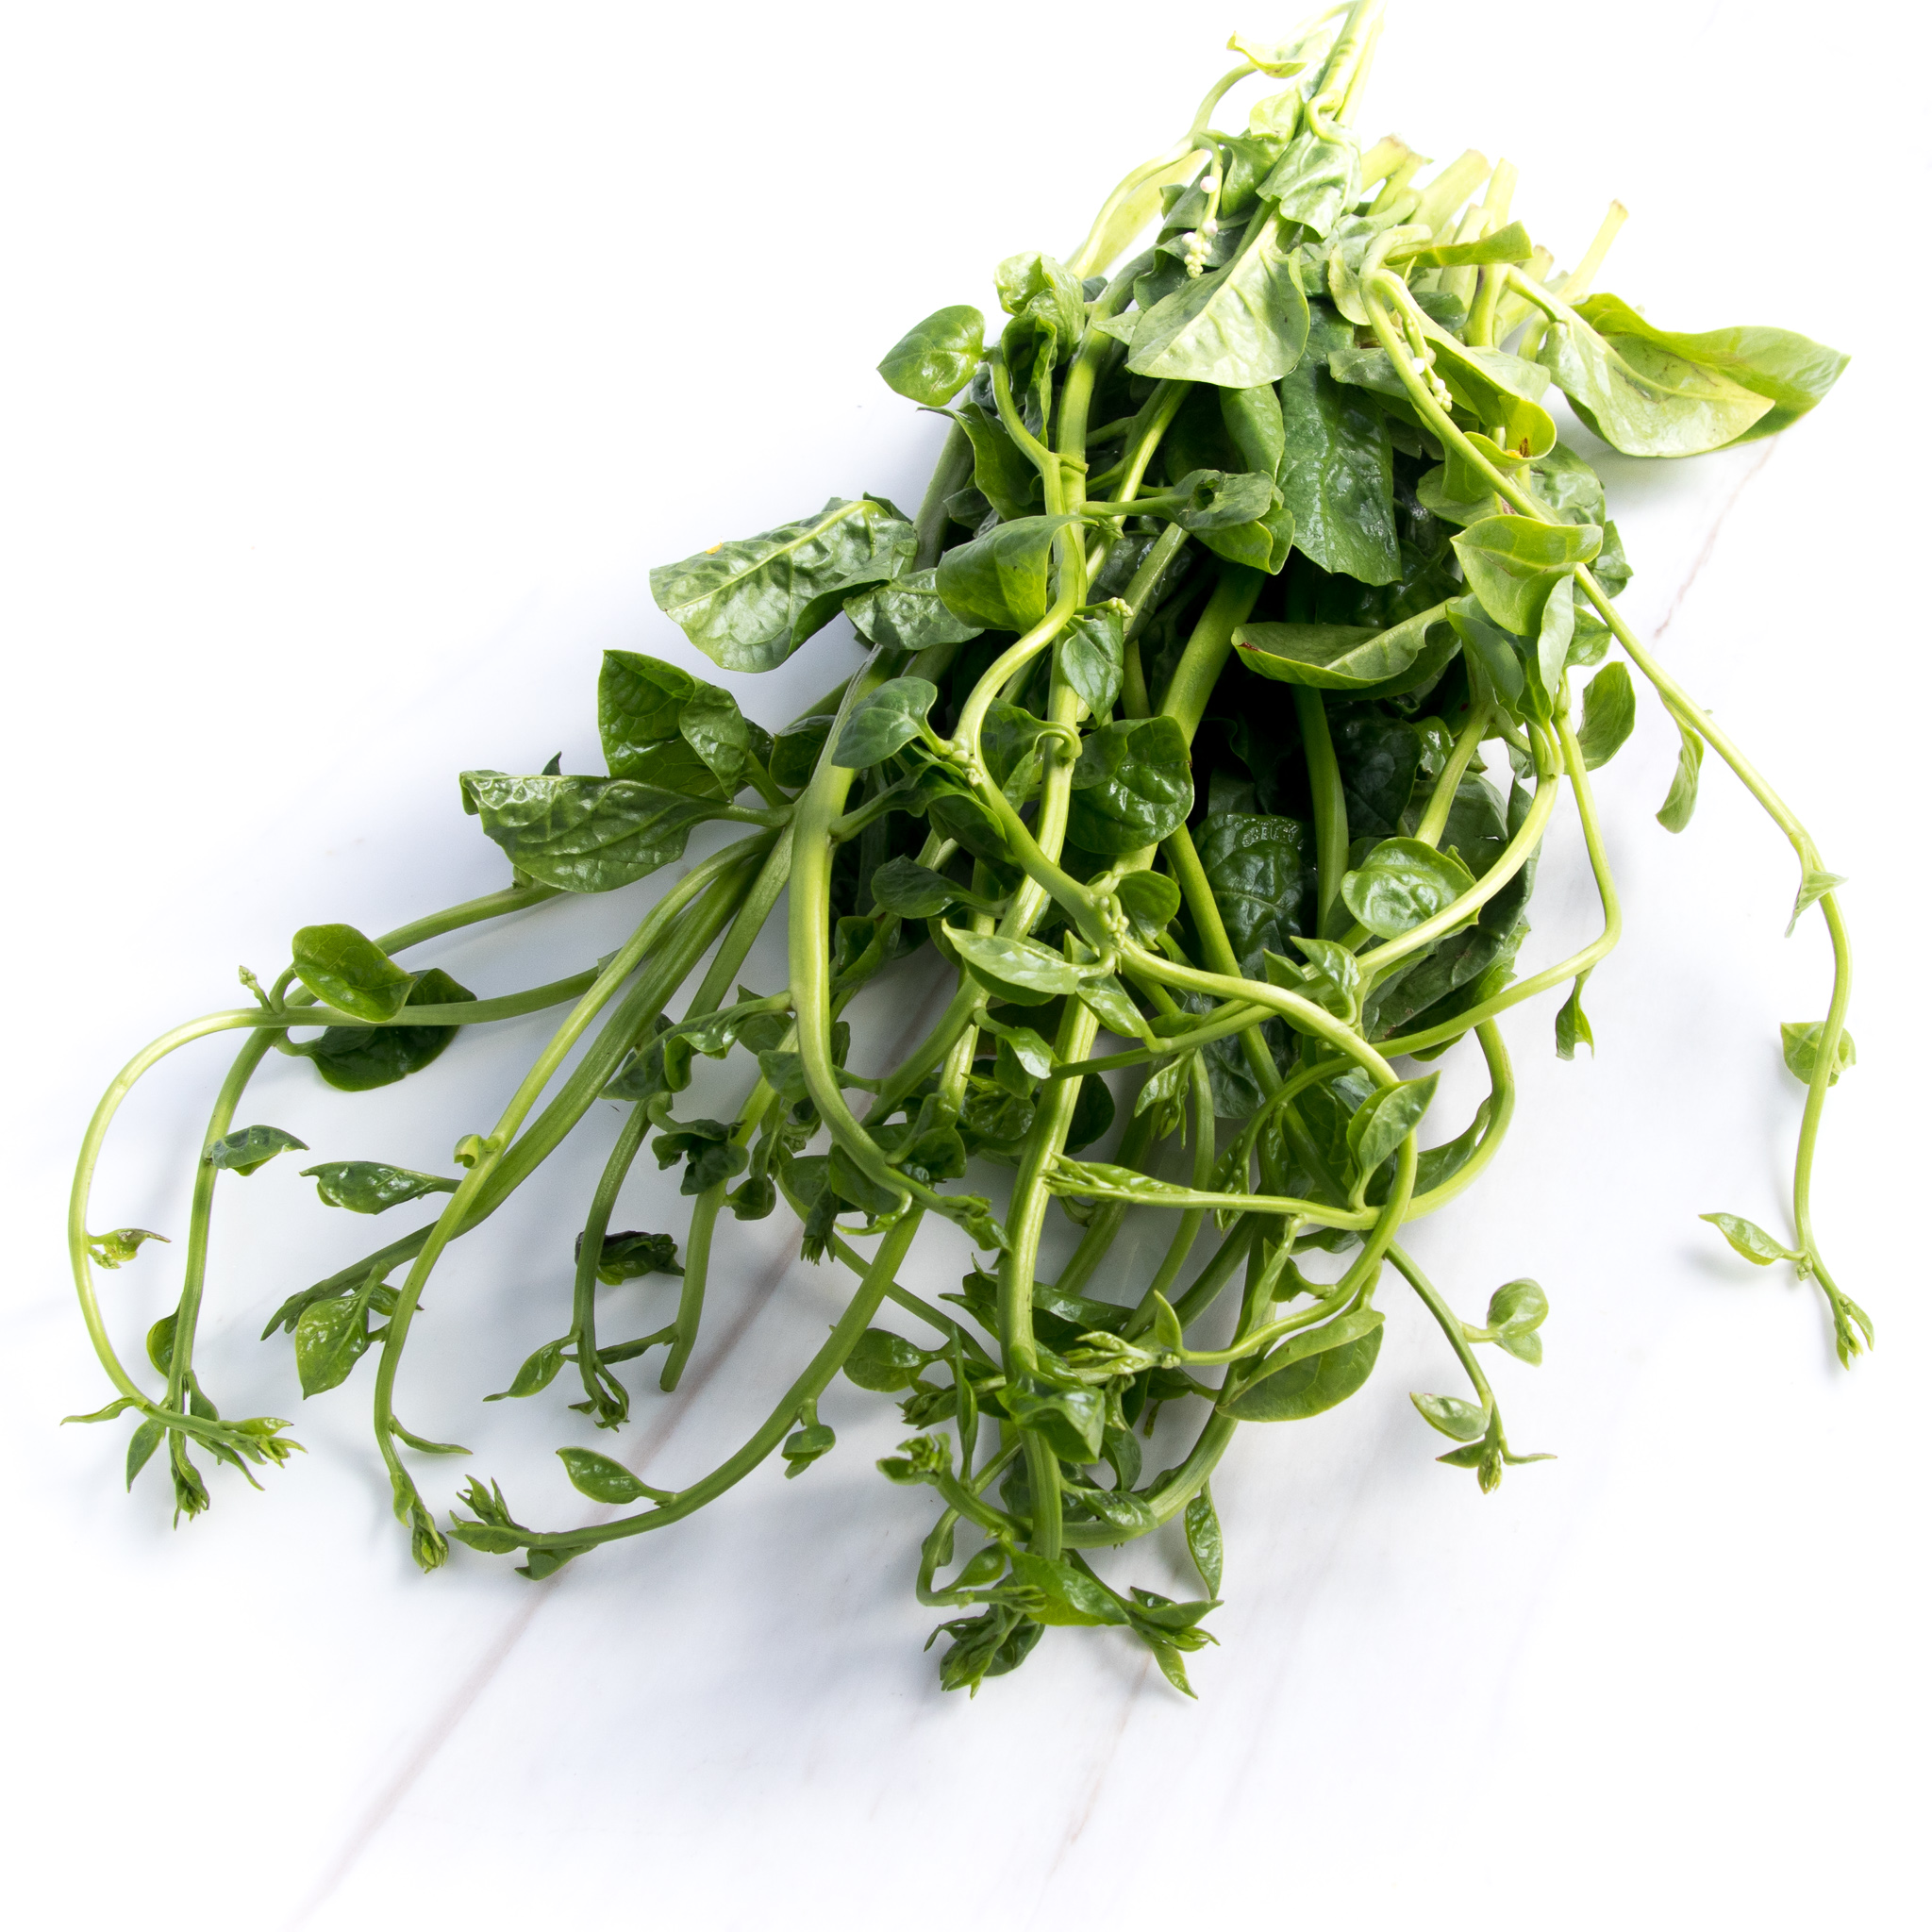 Ceylon spinach (ผักปลัง)